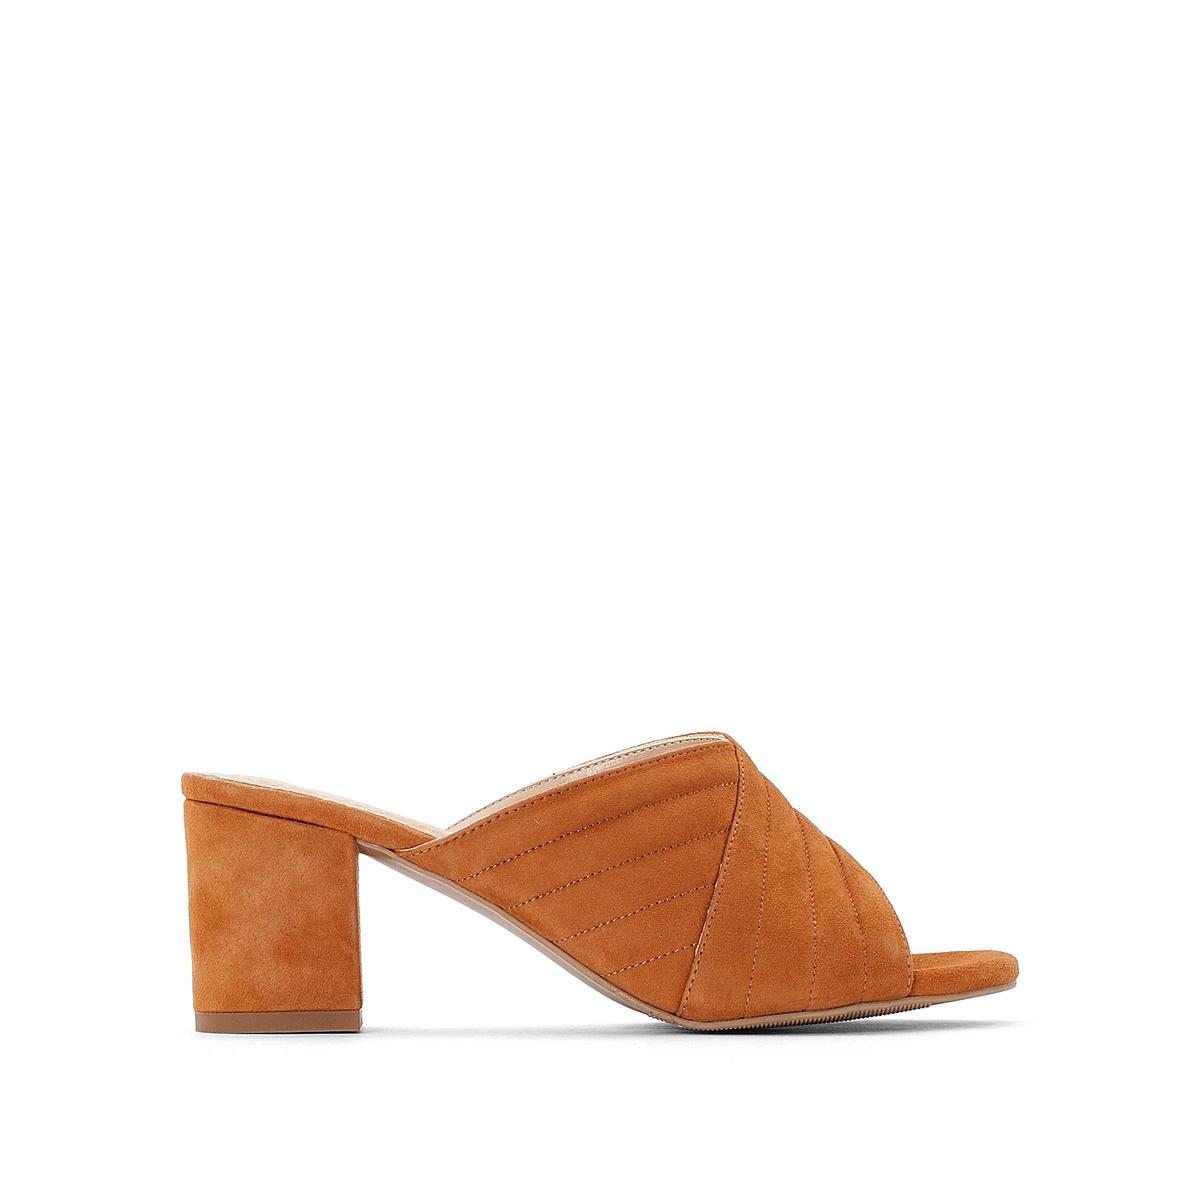 Туфли La Redoute Без задника кожаные 36 каштановый туфли без задника кожаные с блестящими деталями